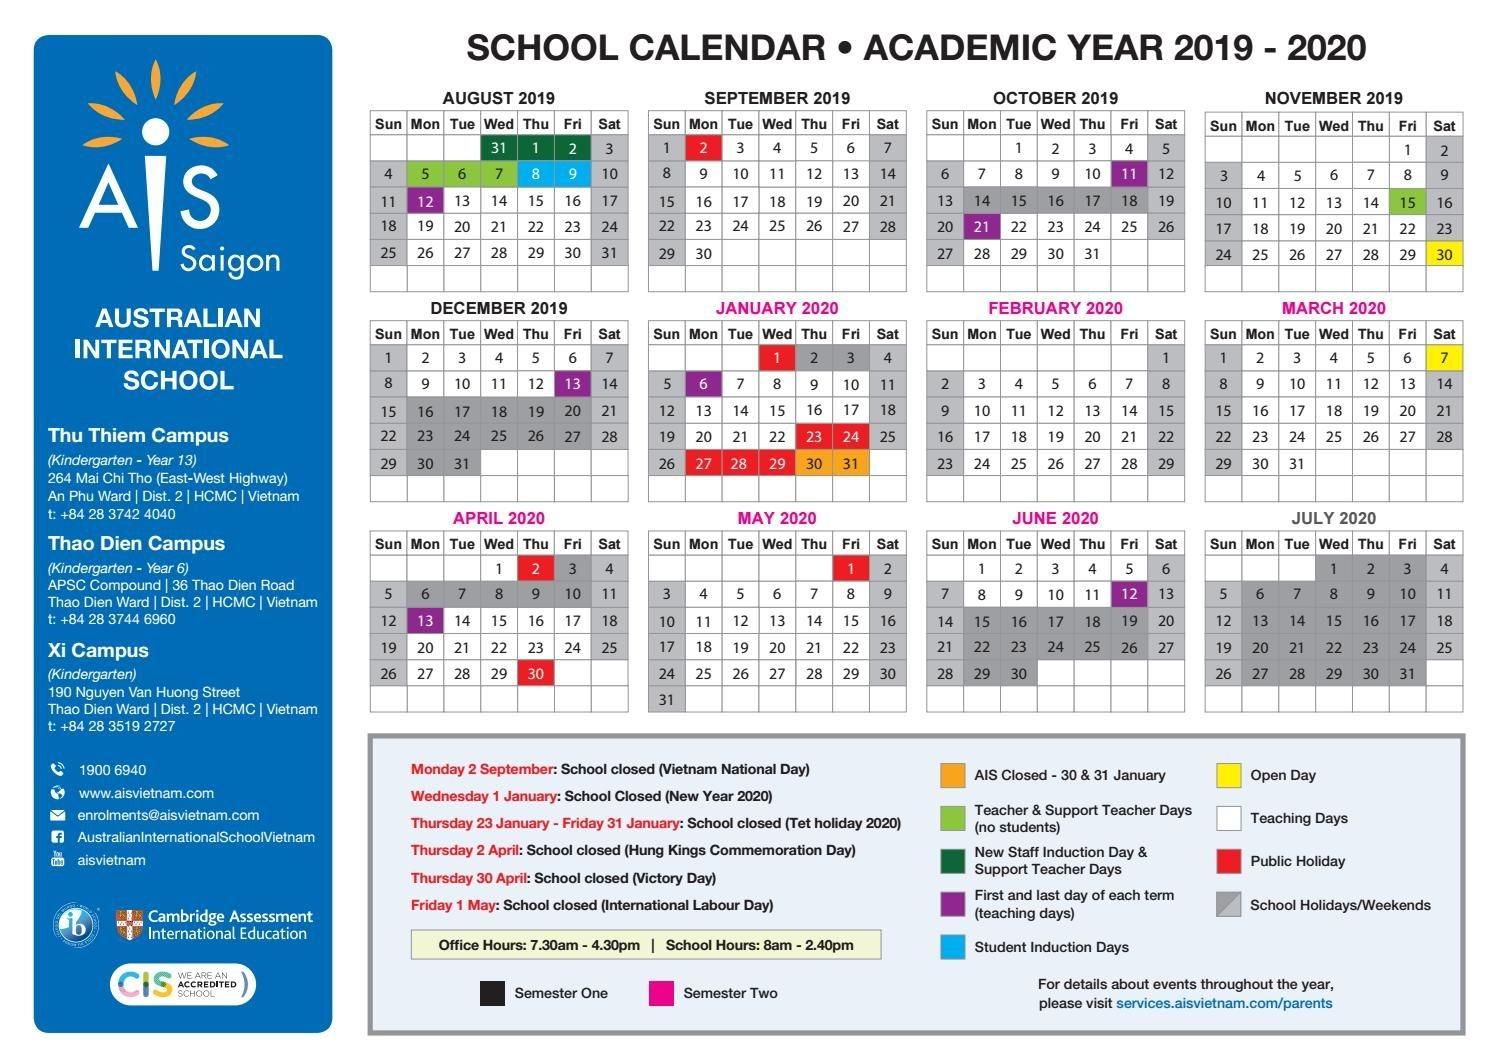 Ais School Calendar 2019-2020 By Acg Schools - Issuu